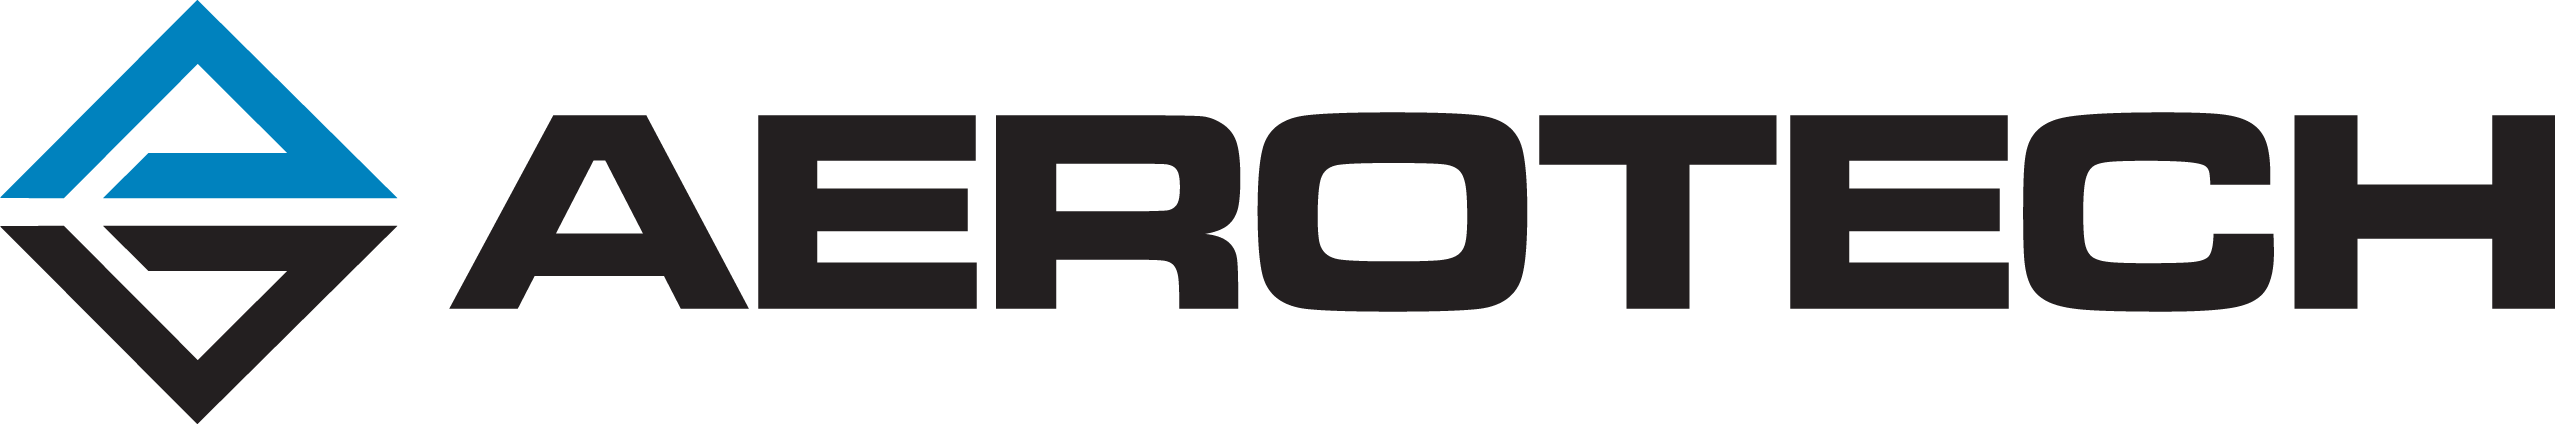 Aerotech, Inc. logo